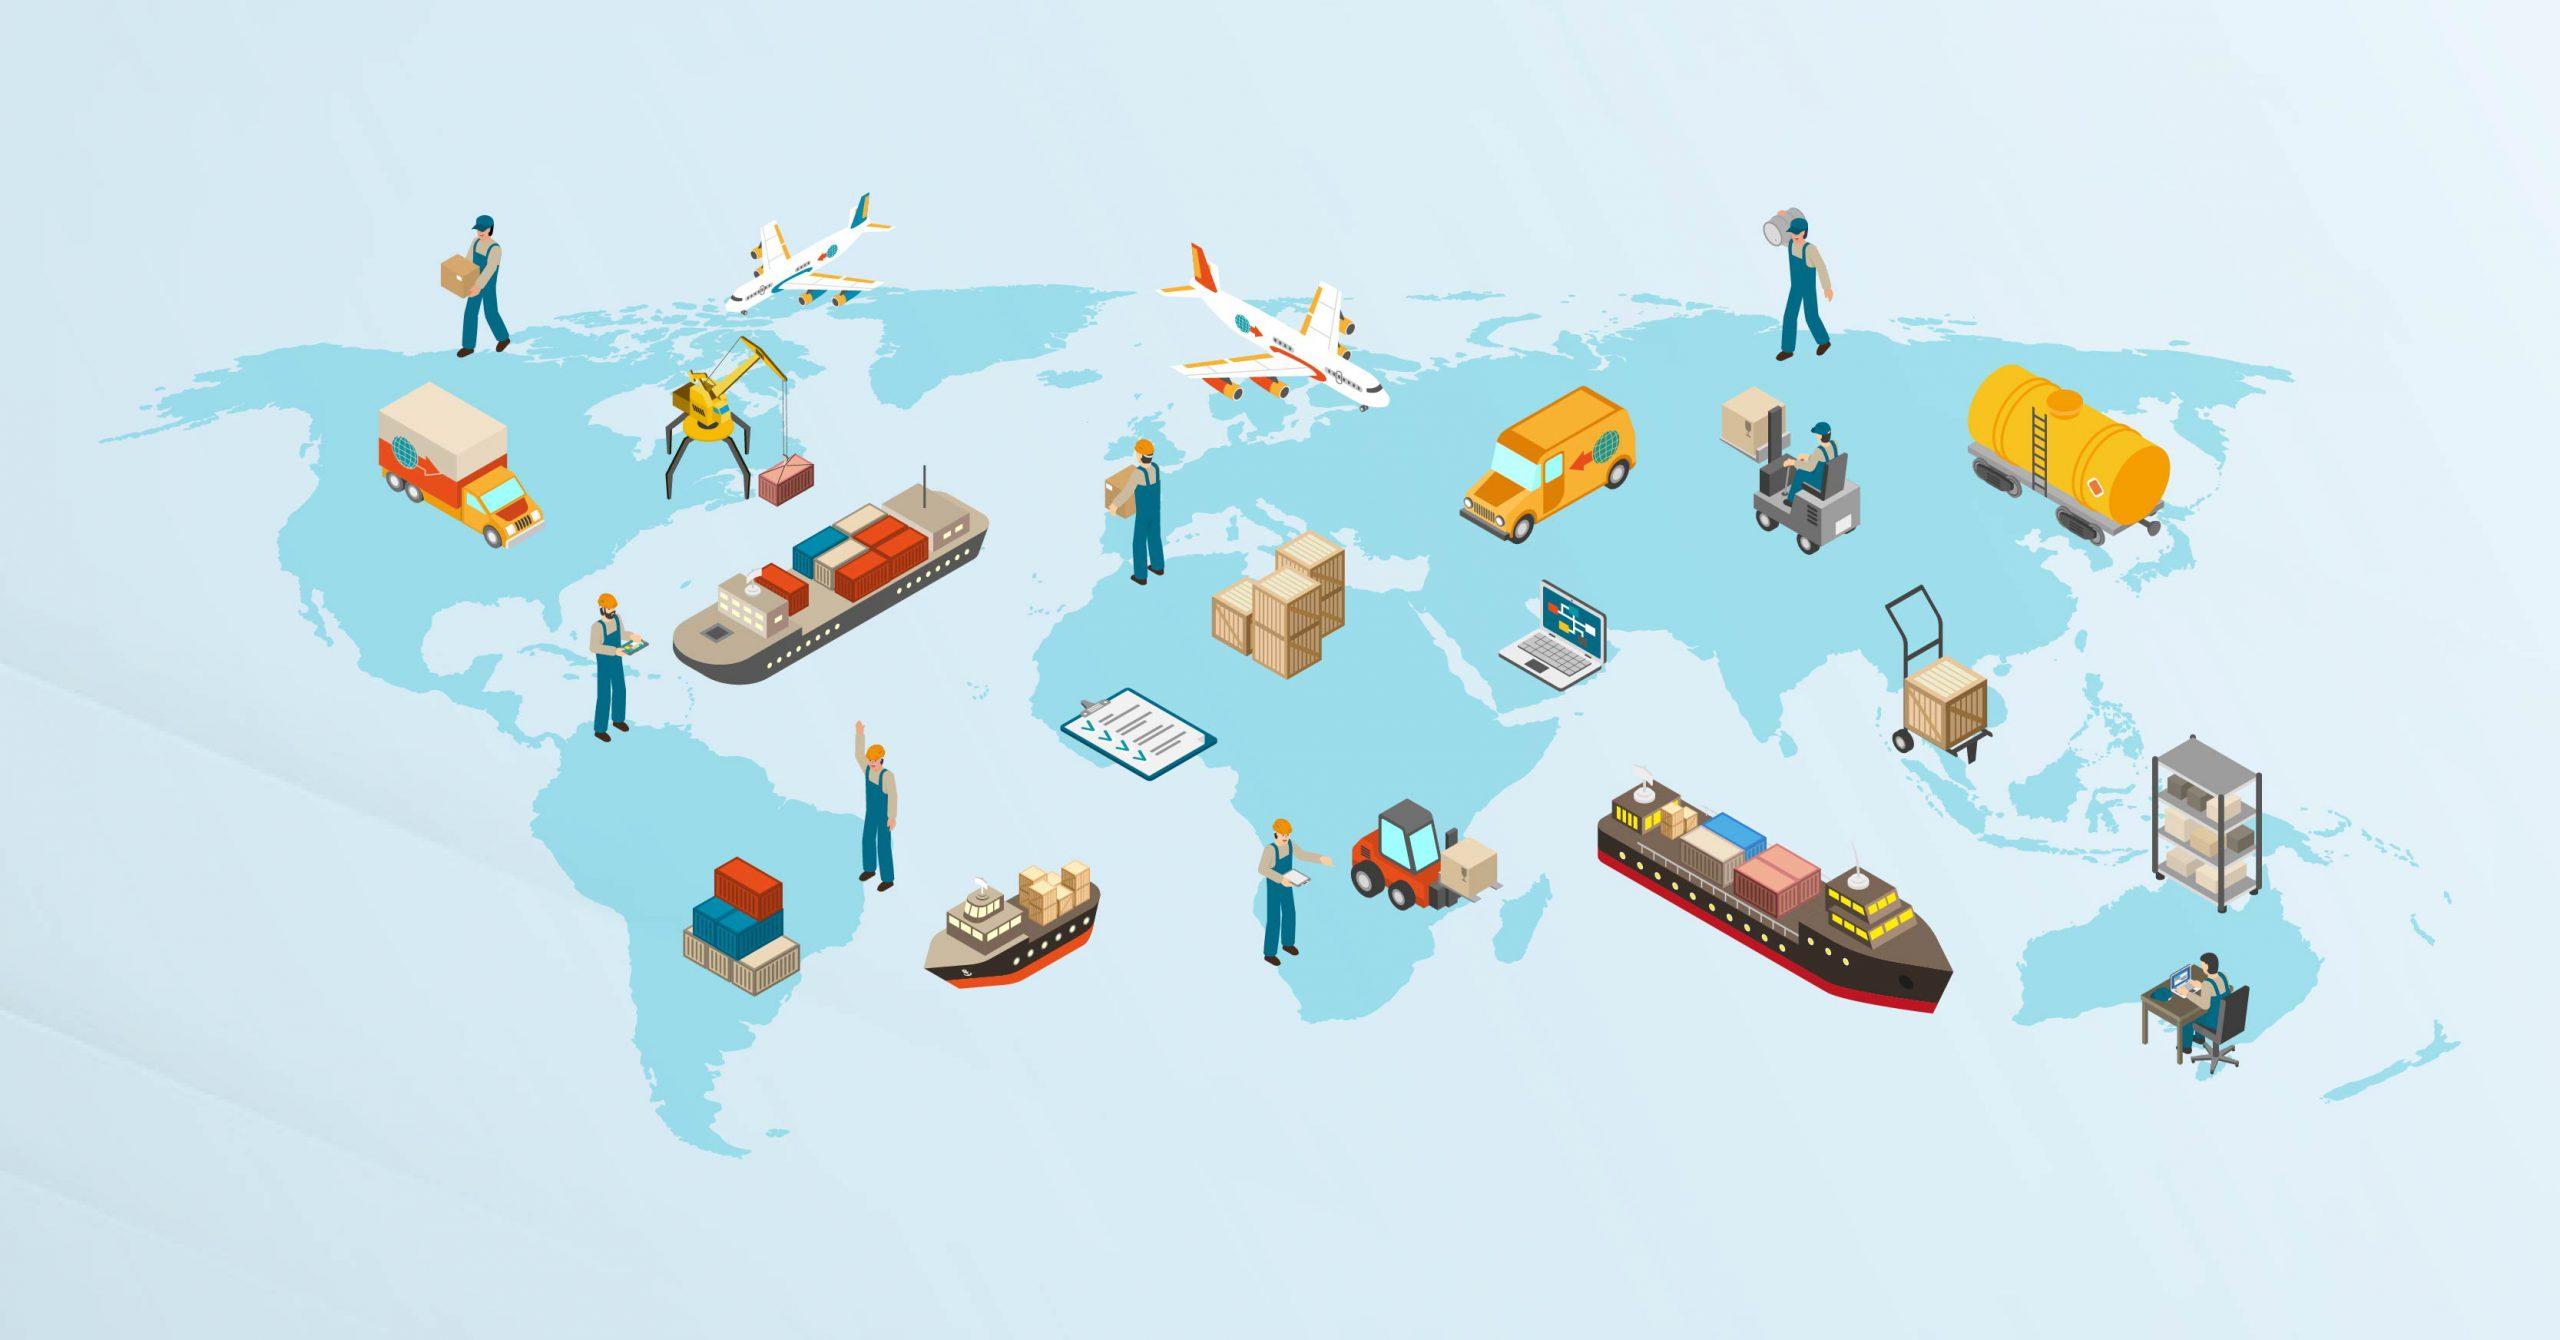 در زنجیره تأمین جهانی از بازار سایر کشورها برای ادامه حیات اقتصادی استفاده خواهد شد.